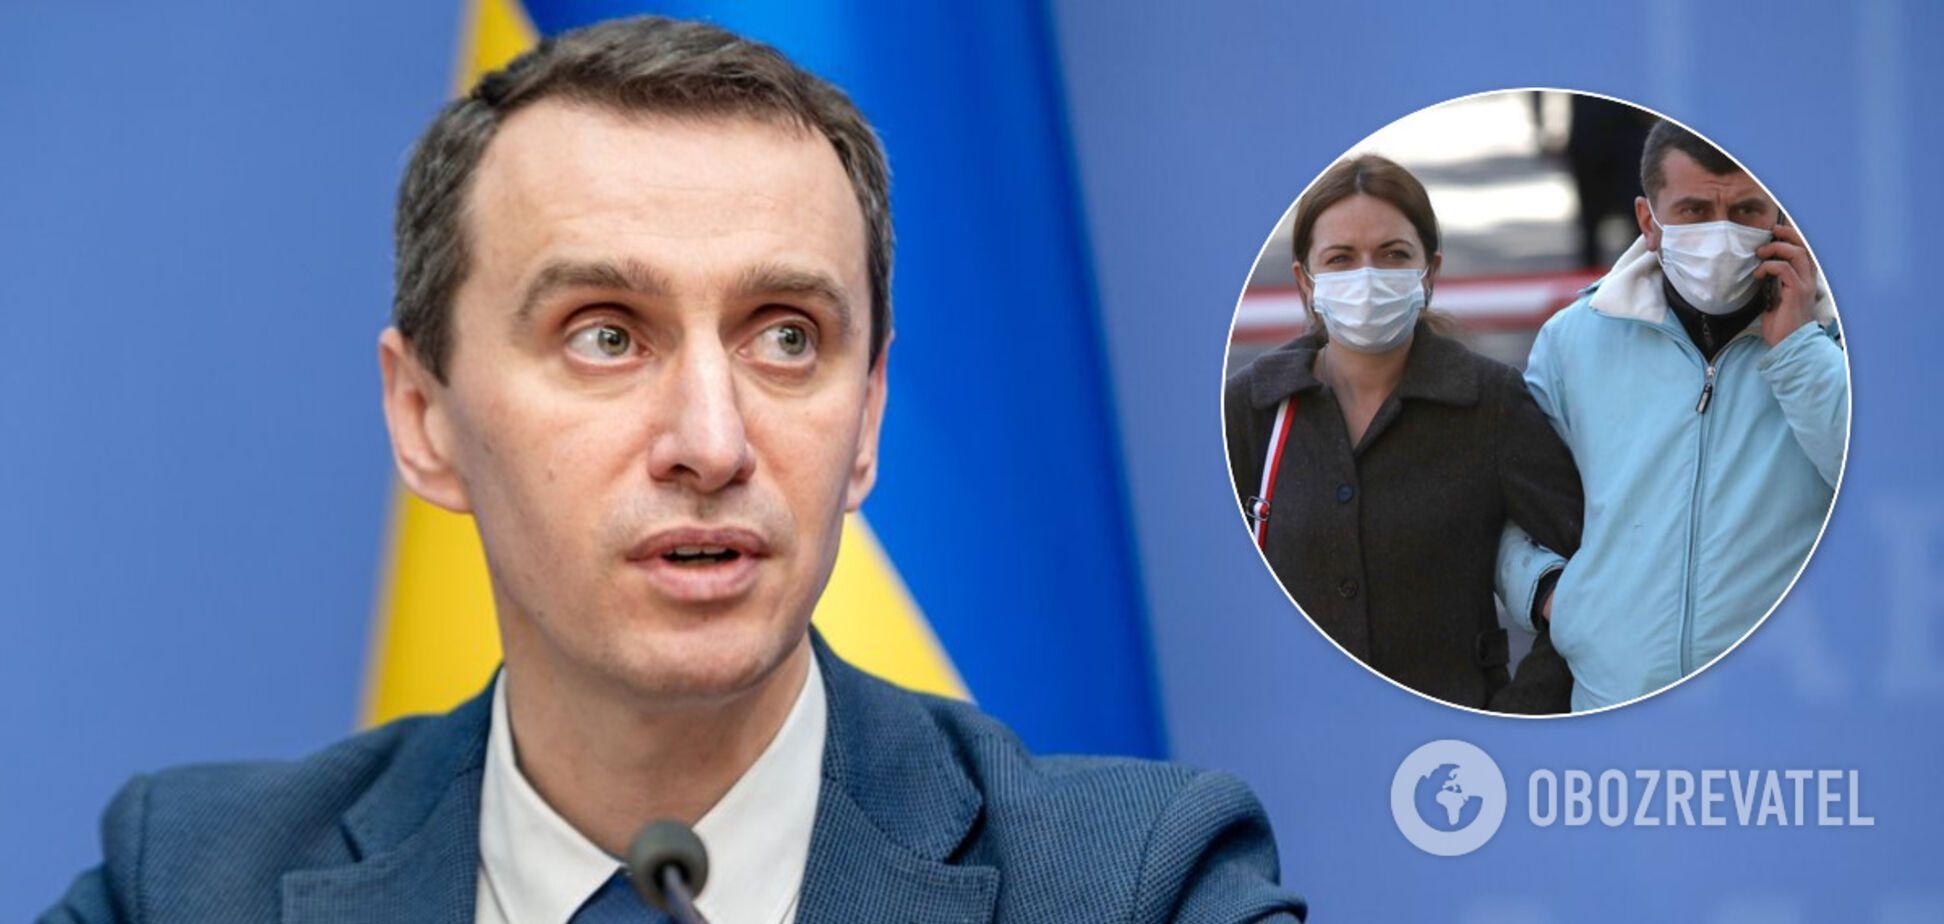 Коли в Україні можна буде ходити без маски: в МОЗ зробили прогноз